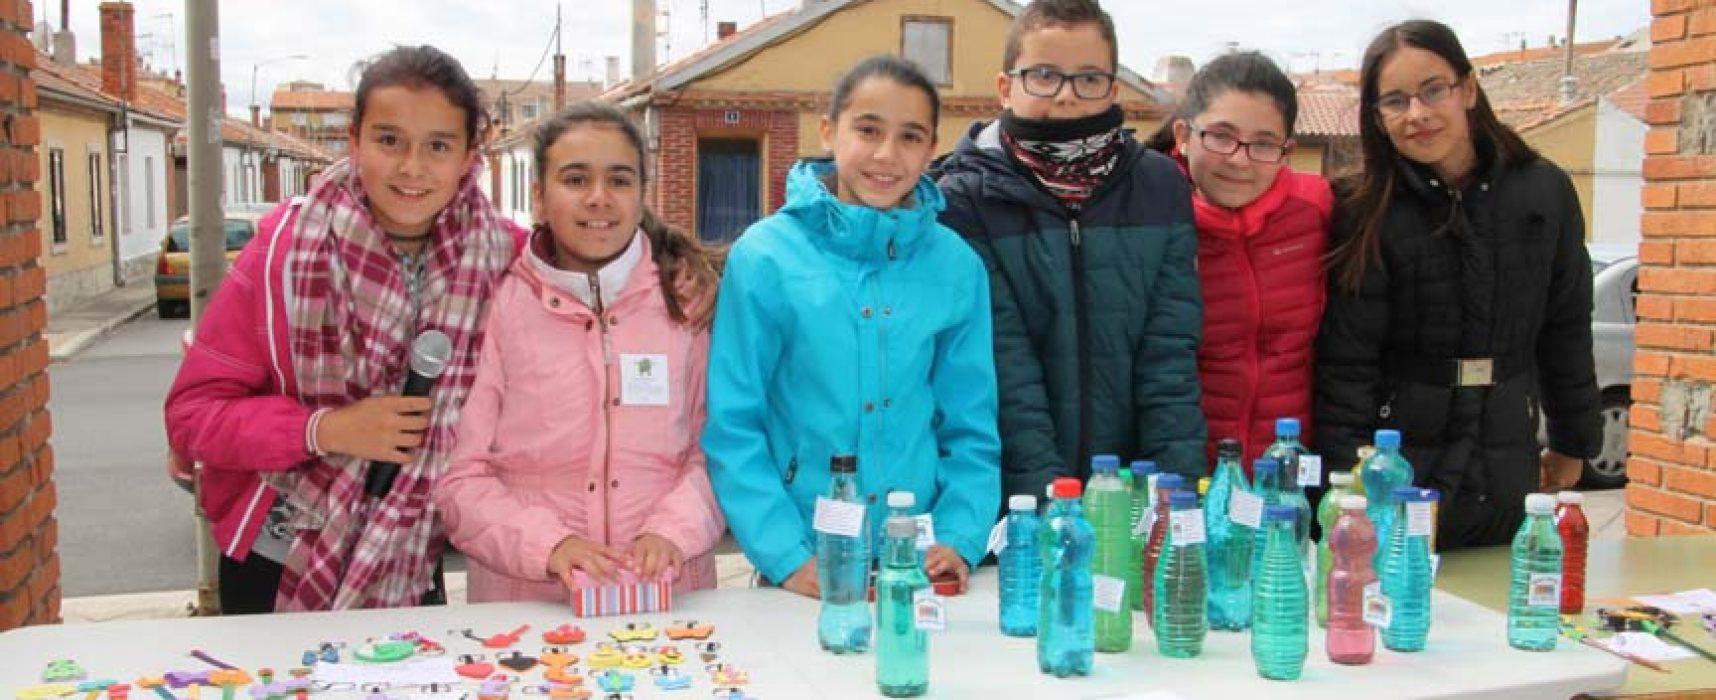 Los alumnos de 6º del CEIP San Gil afrontan el `Desafío de los 5 euros´ con un mercadillo solidario